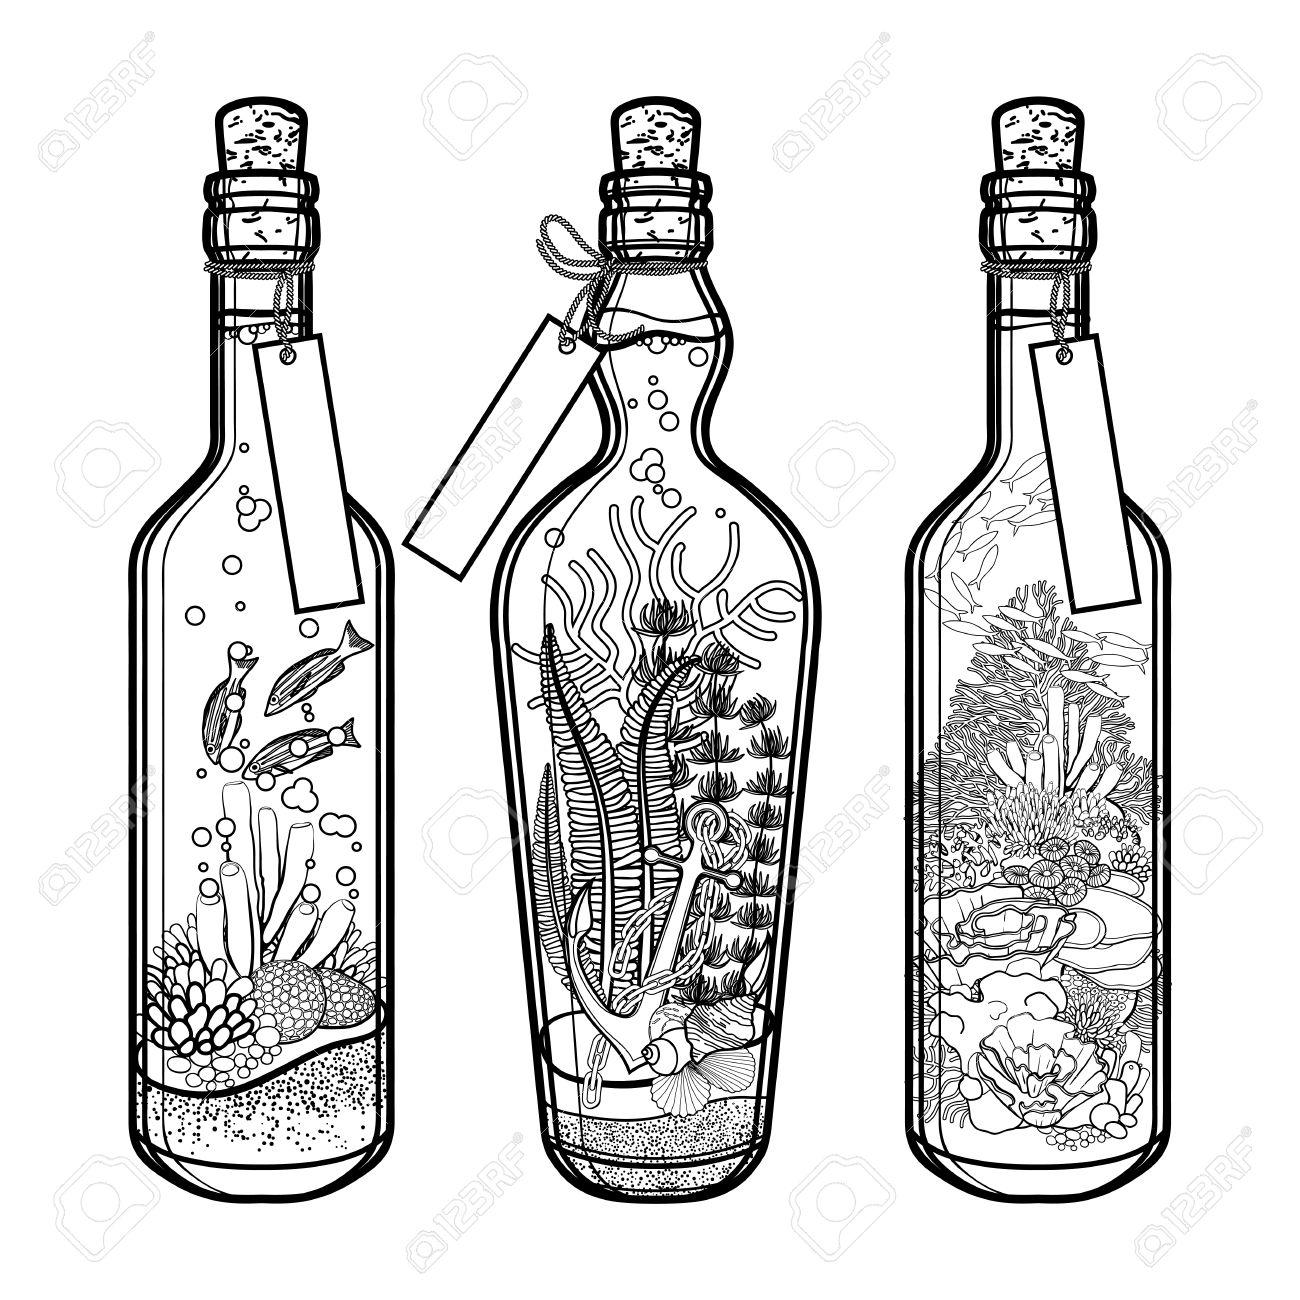 La Flora Y La Fauna Del Océano En Botellas Viajar Colección De Recuerdos Plantas Y Peces Marinos Aislados Sobre Fondo Blanco Diseño De Páginas De